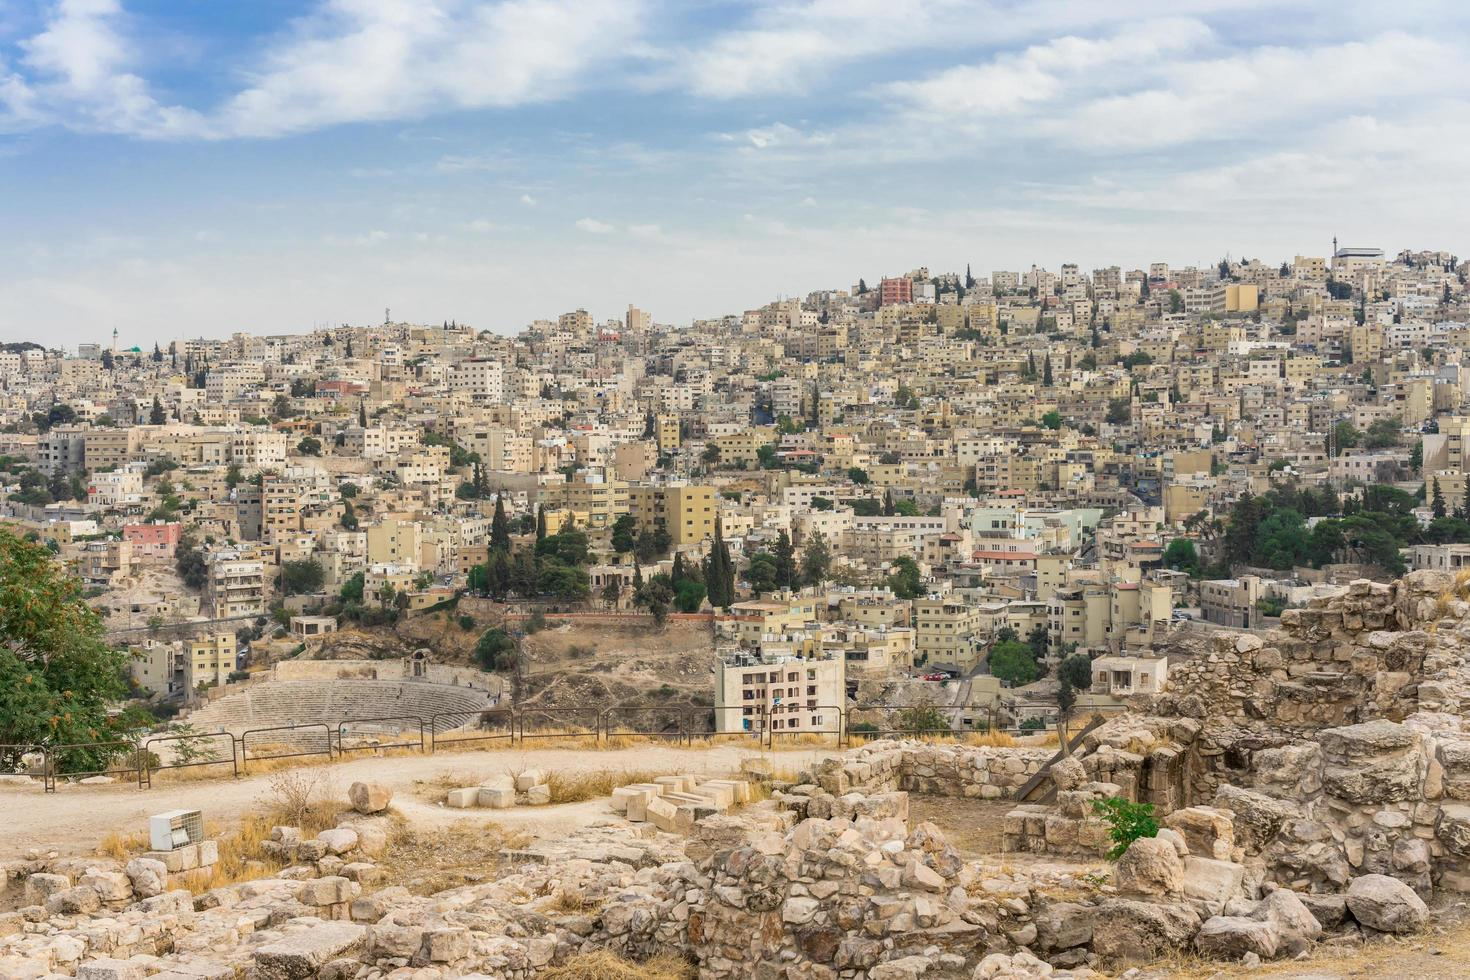 paesaggio urbano del centro di amman, giordania foto